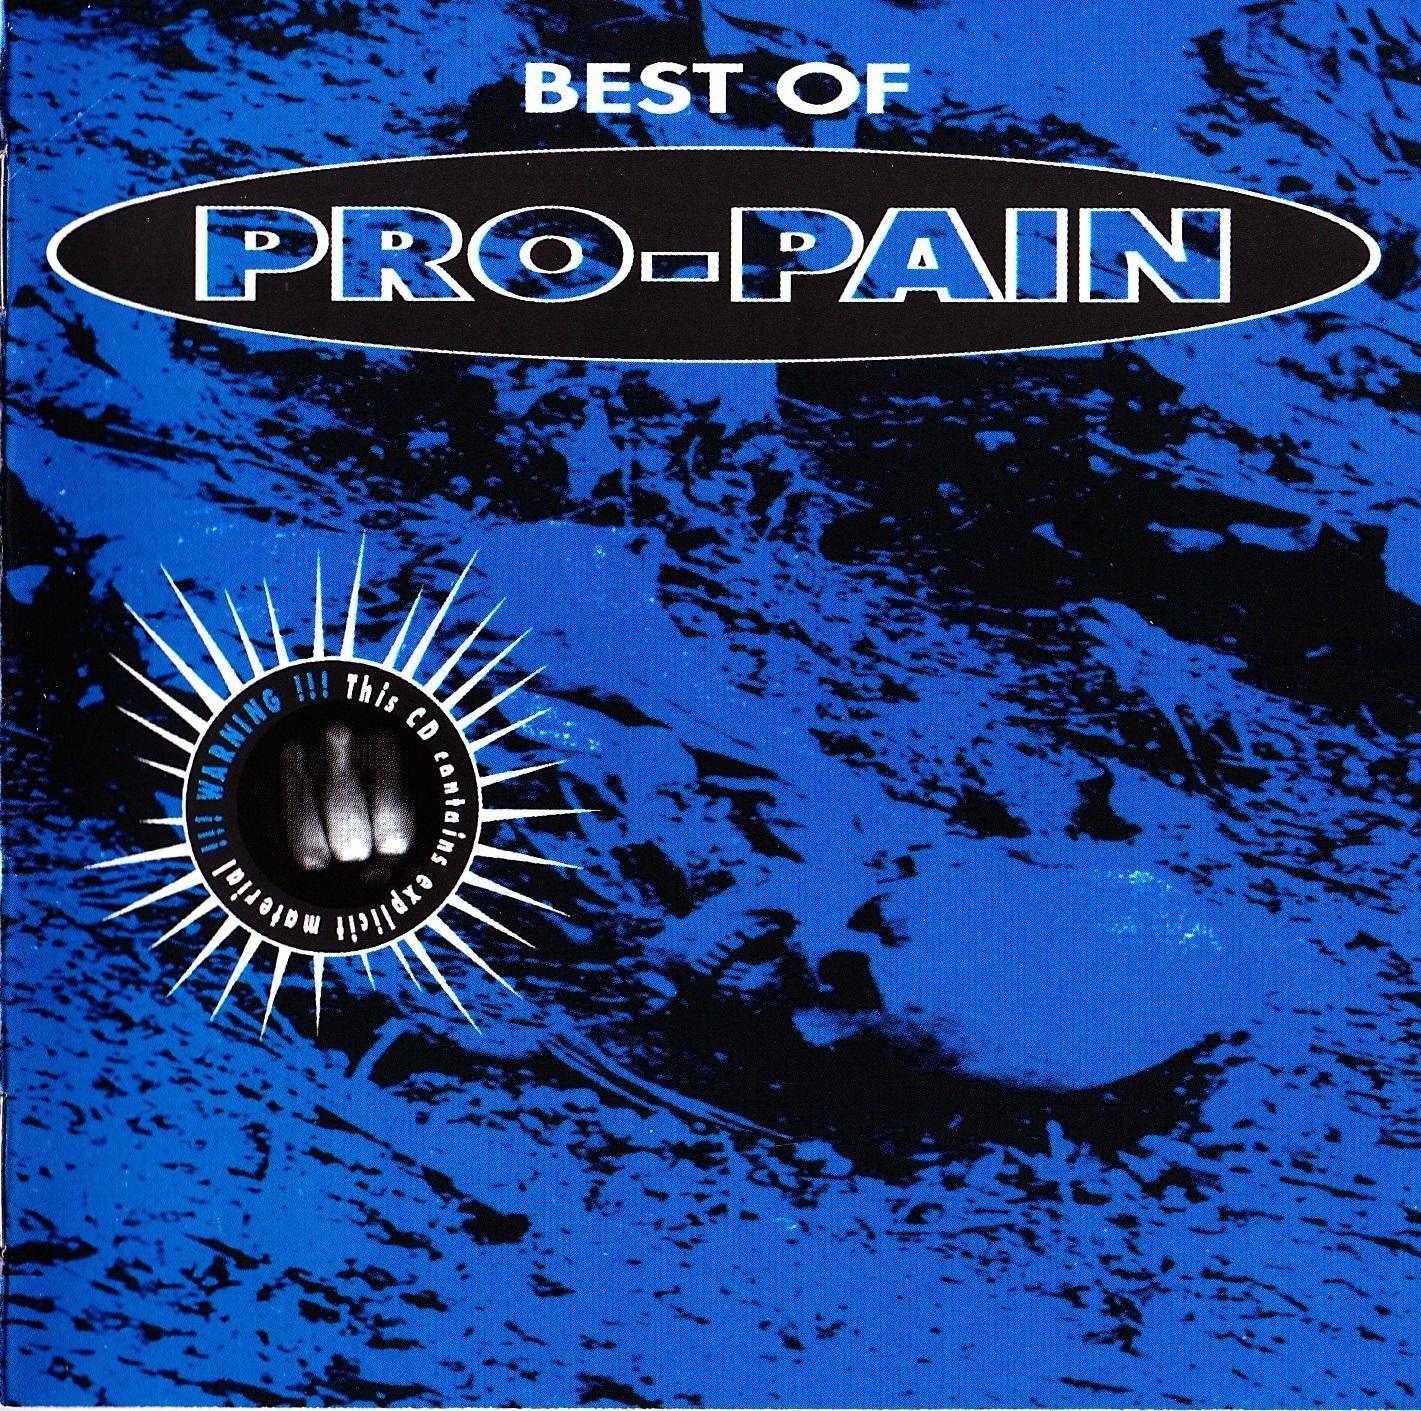 Pro-Pain — Best of Pro-Pain (1998)